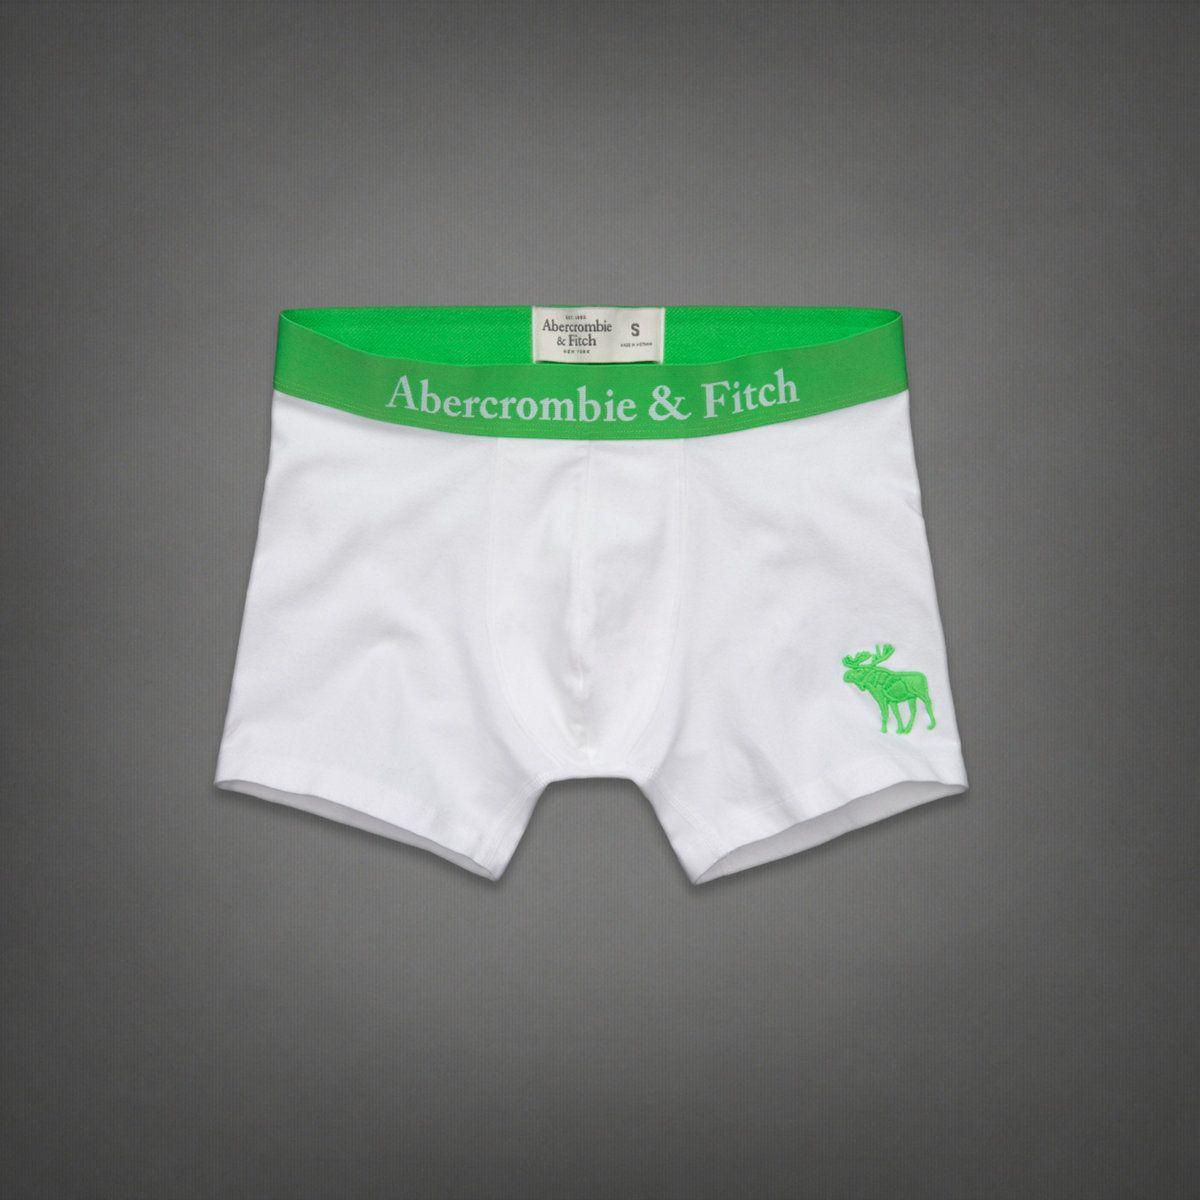 Abercrombie Underwear